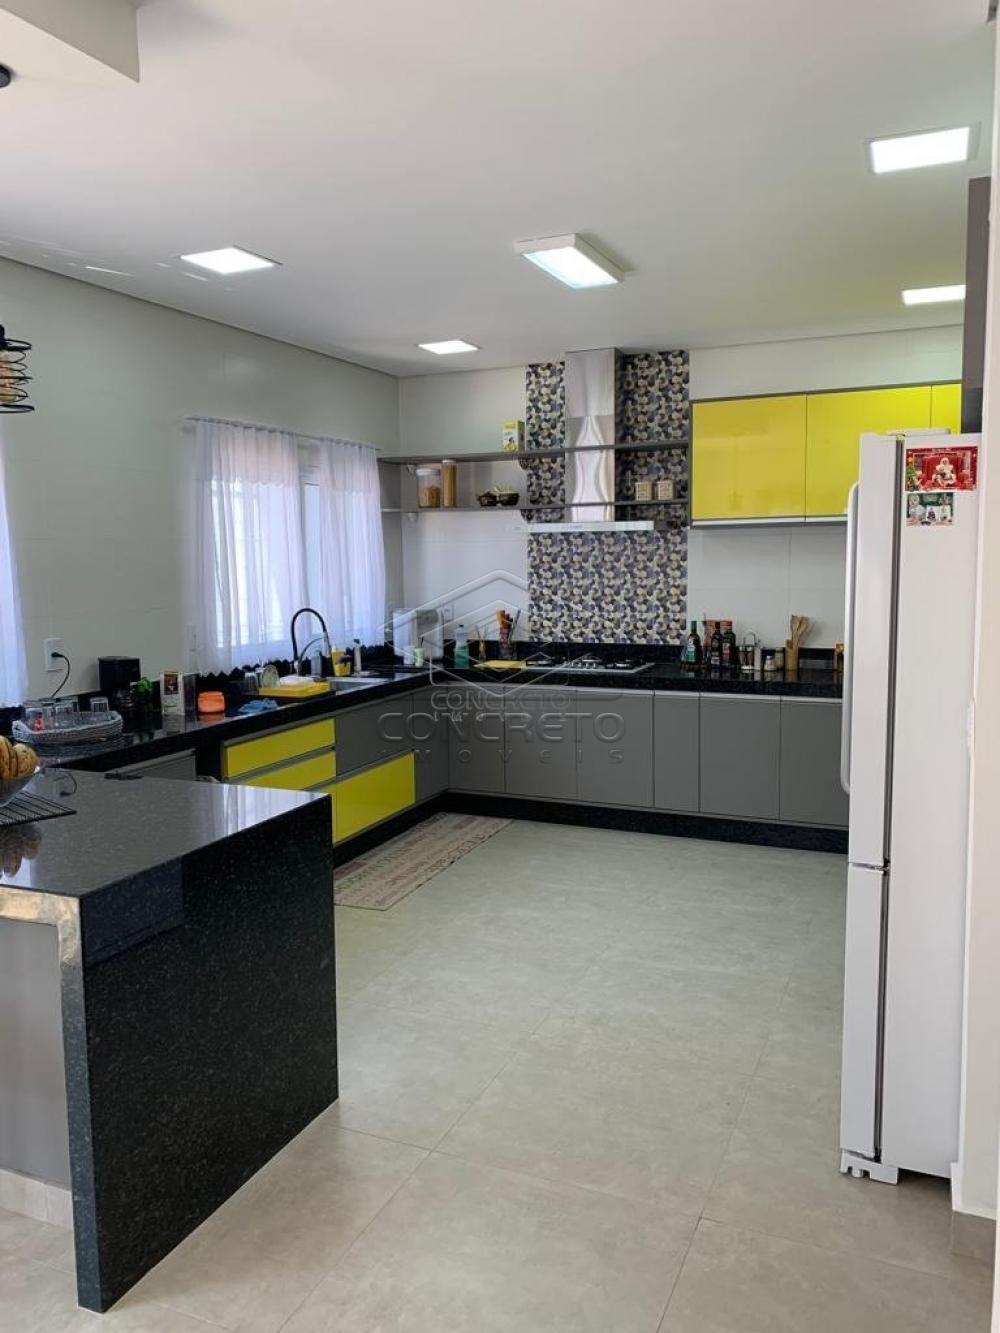 Comprar Casa / Padrão em Sao Manuel apenas R$ 650.000,00 - Foto 22